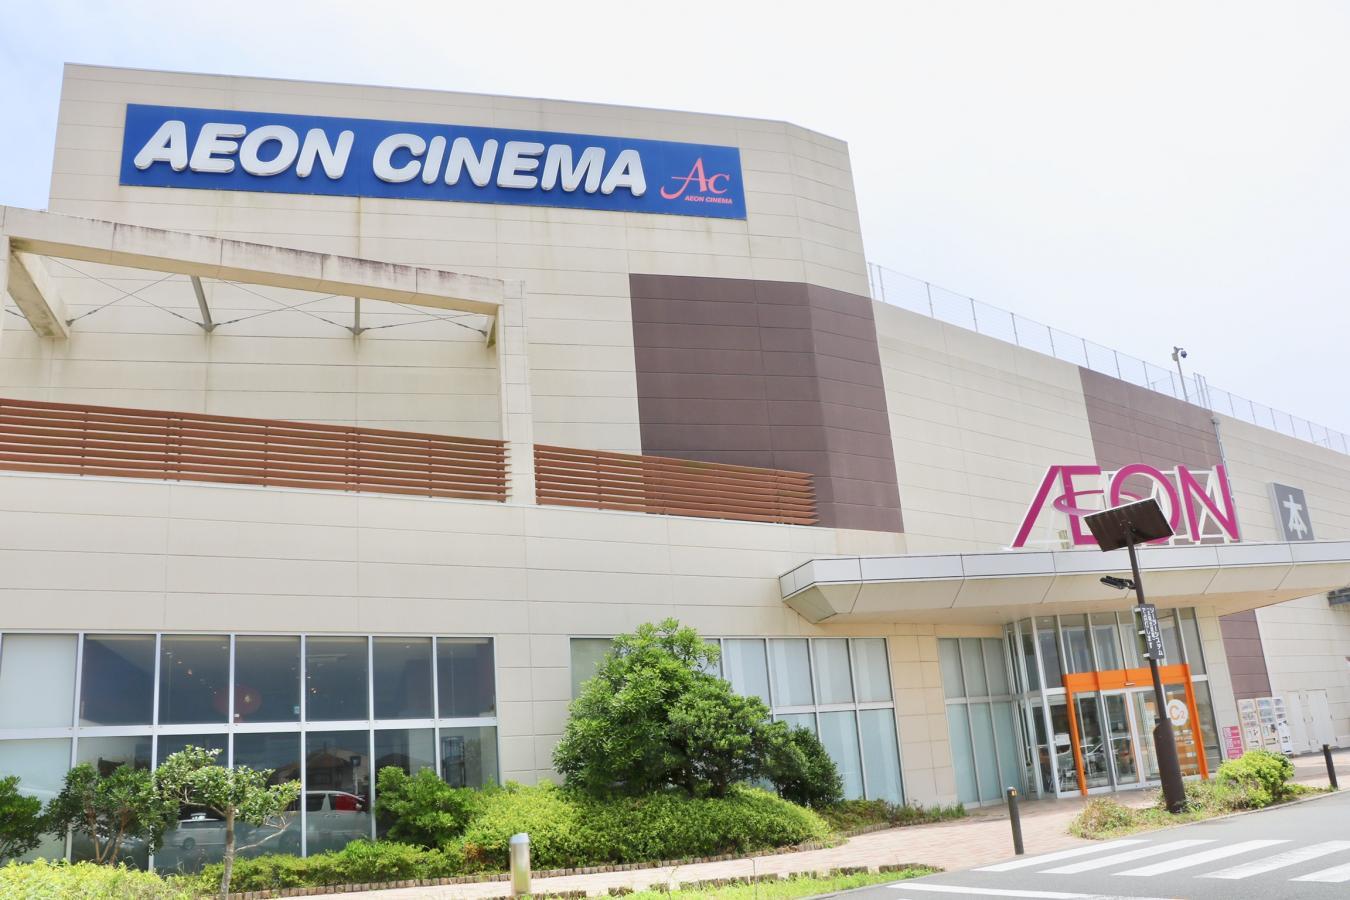 シネマ 銚子 イオン イオンシネマ-映画館、映画情報、上映スケジュール、試写会情報、映画ランキングのシネマ情報サイト